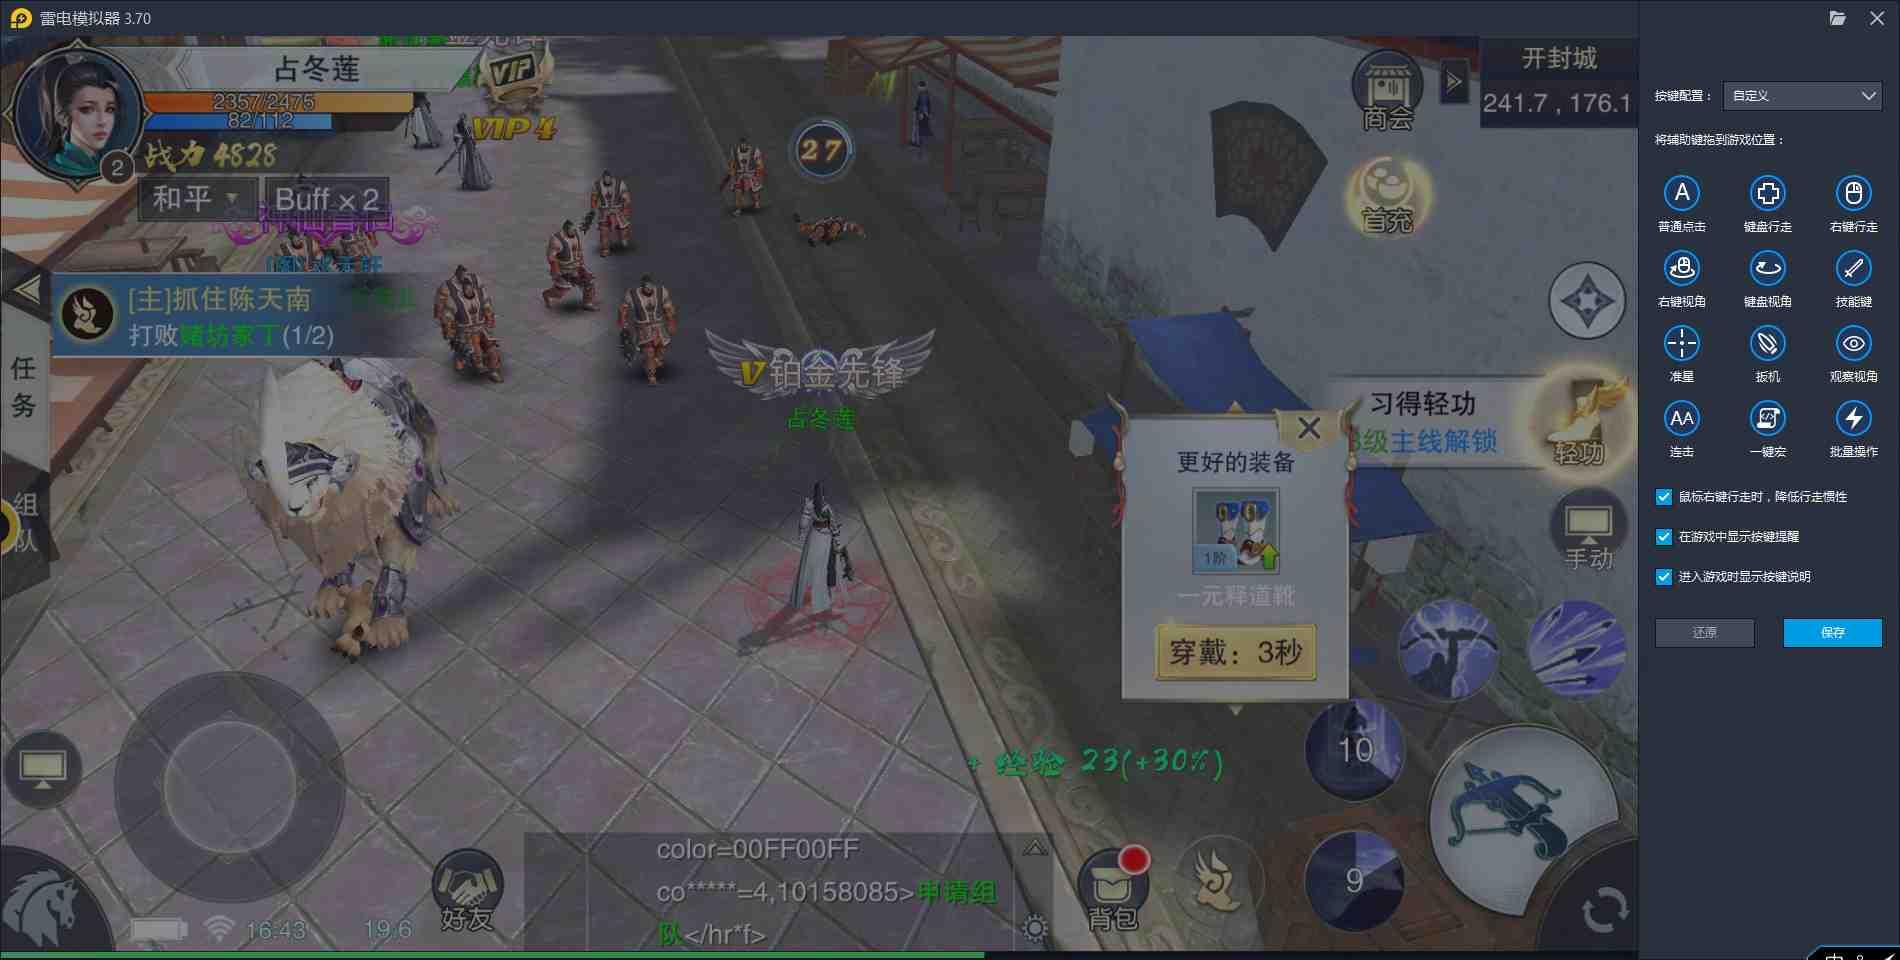 【少年江湖】電腦版怎么玩—安卓模擬器使用教程